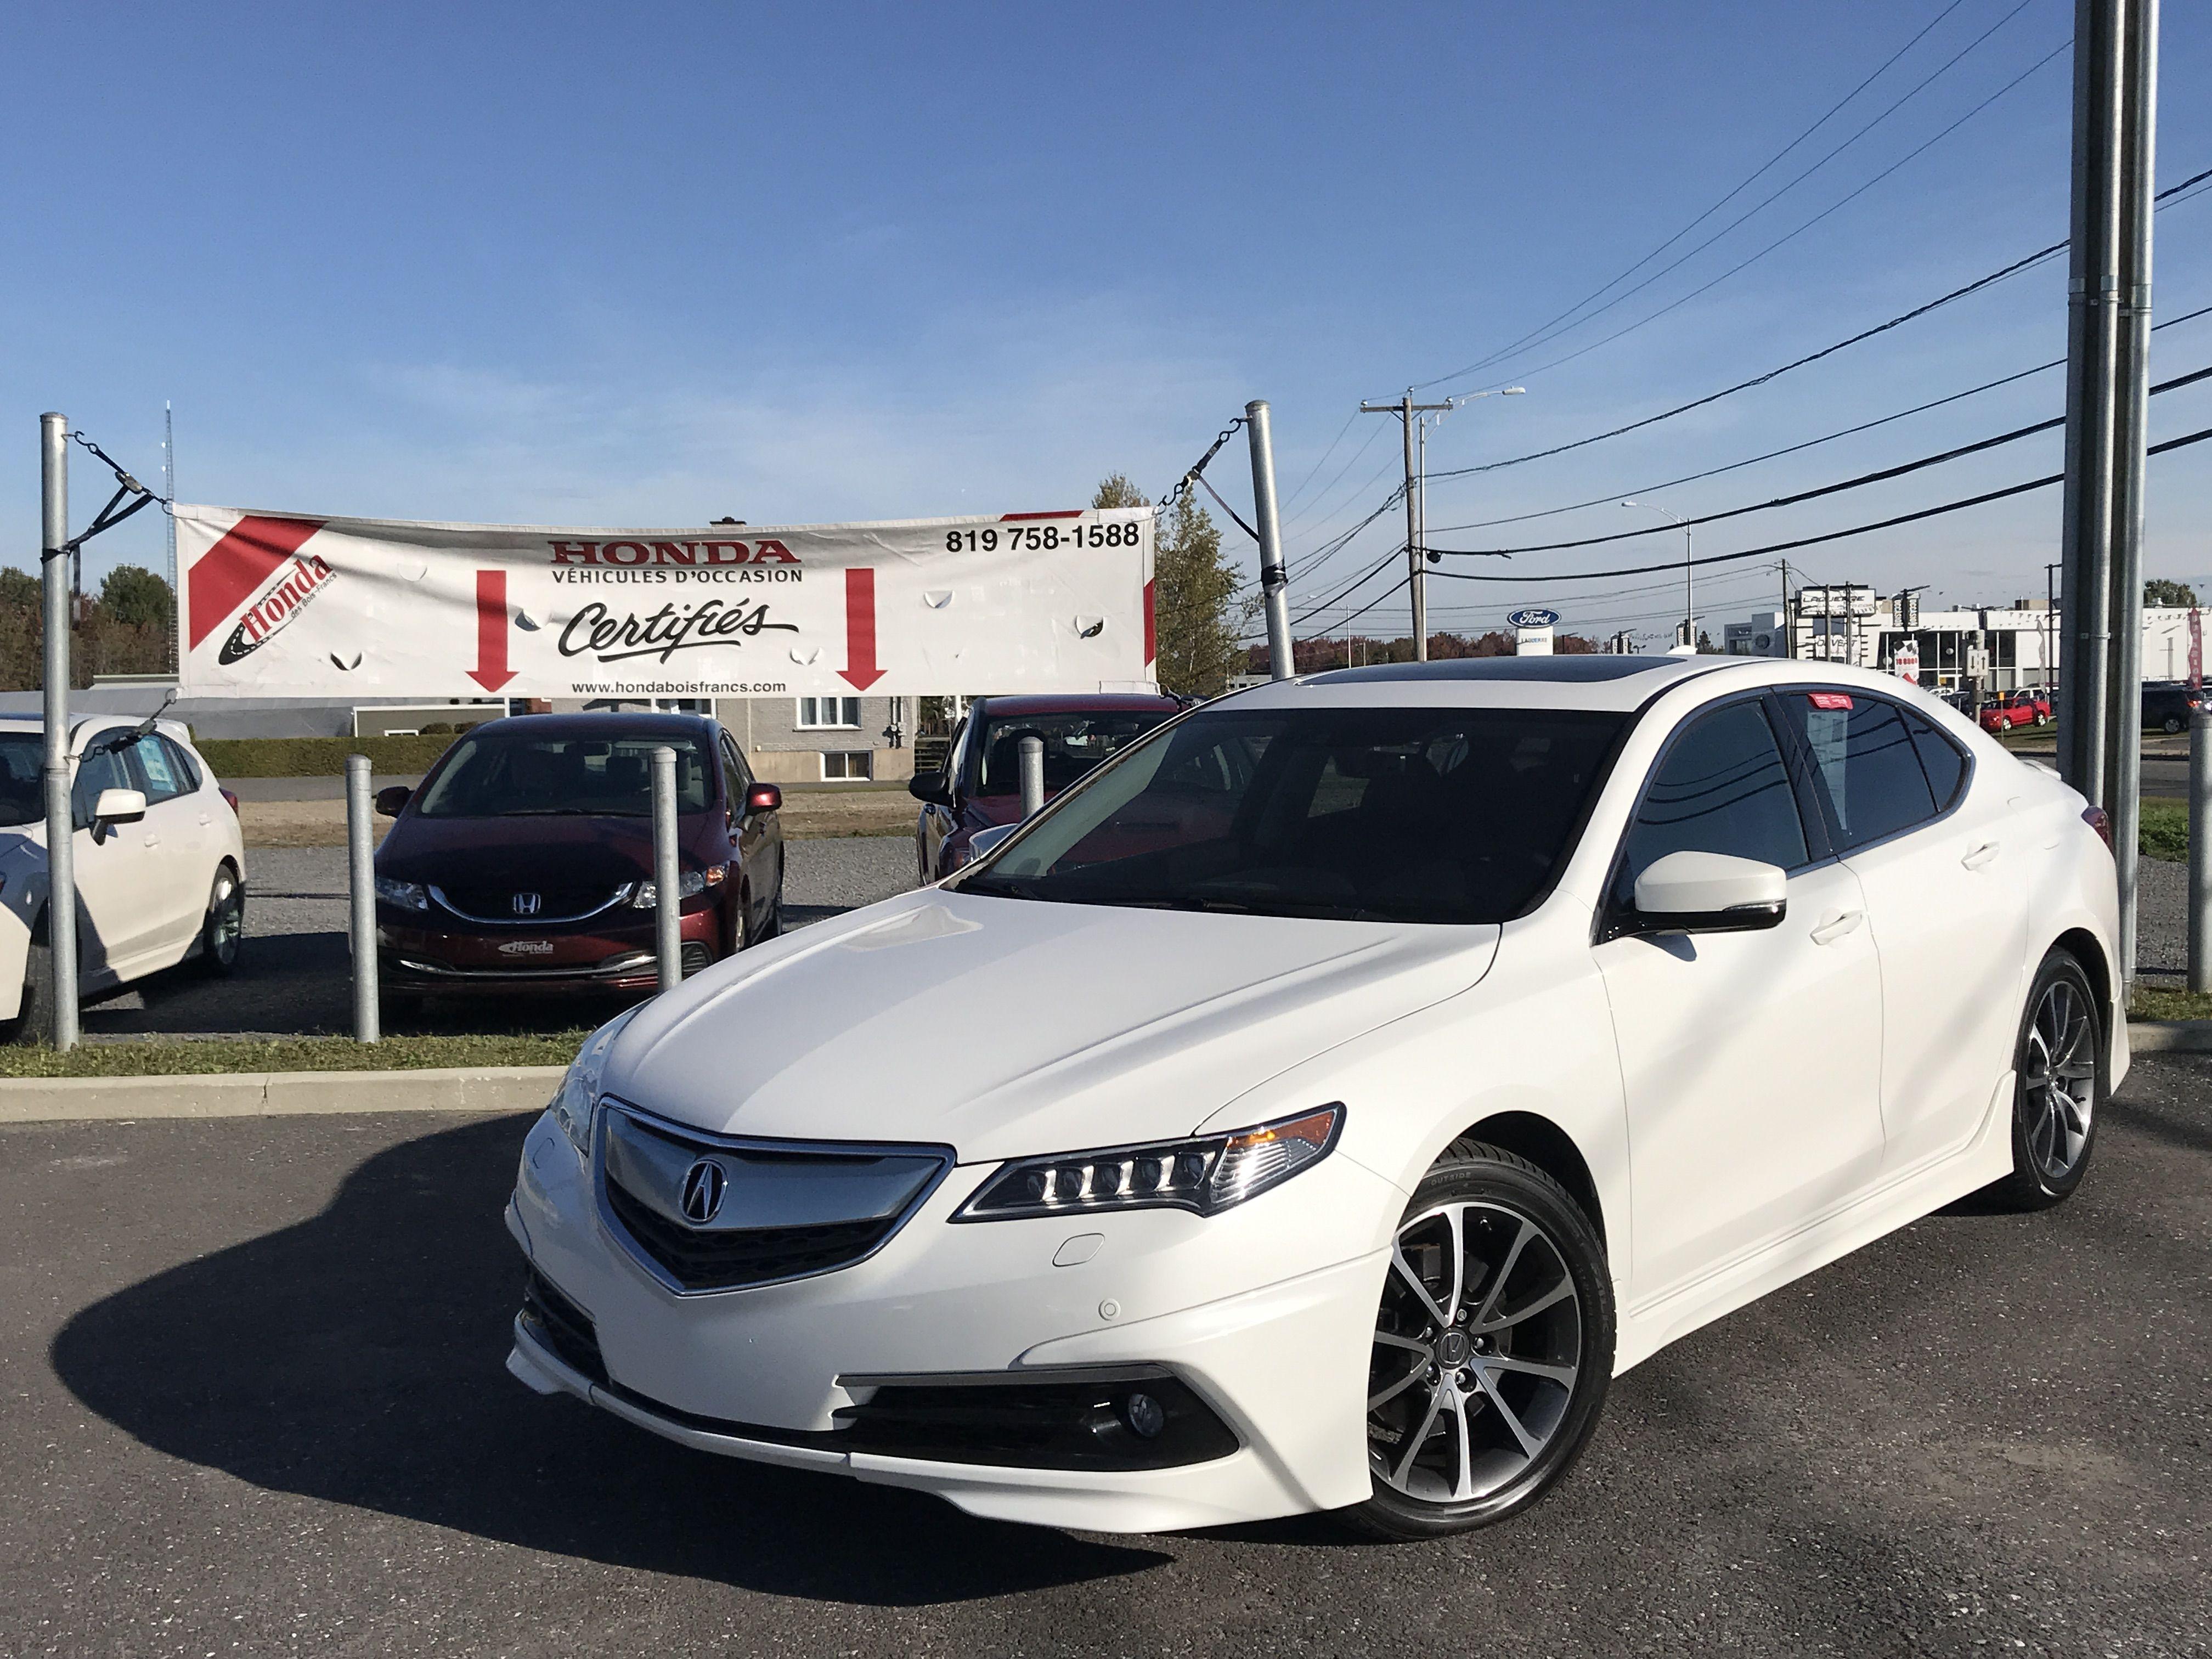 Acura Tlx 2015 Blanc White Acura Acura Tlx Acura Tl Acura